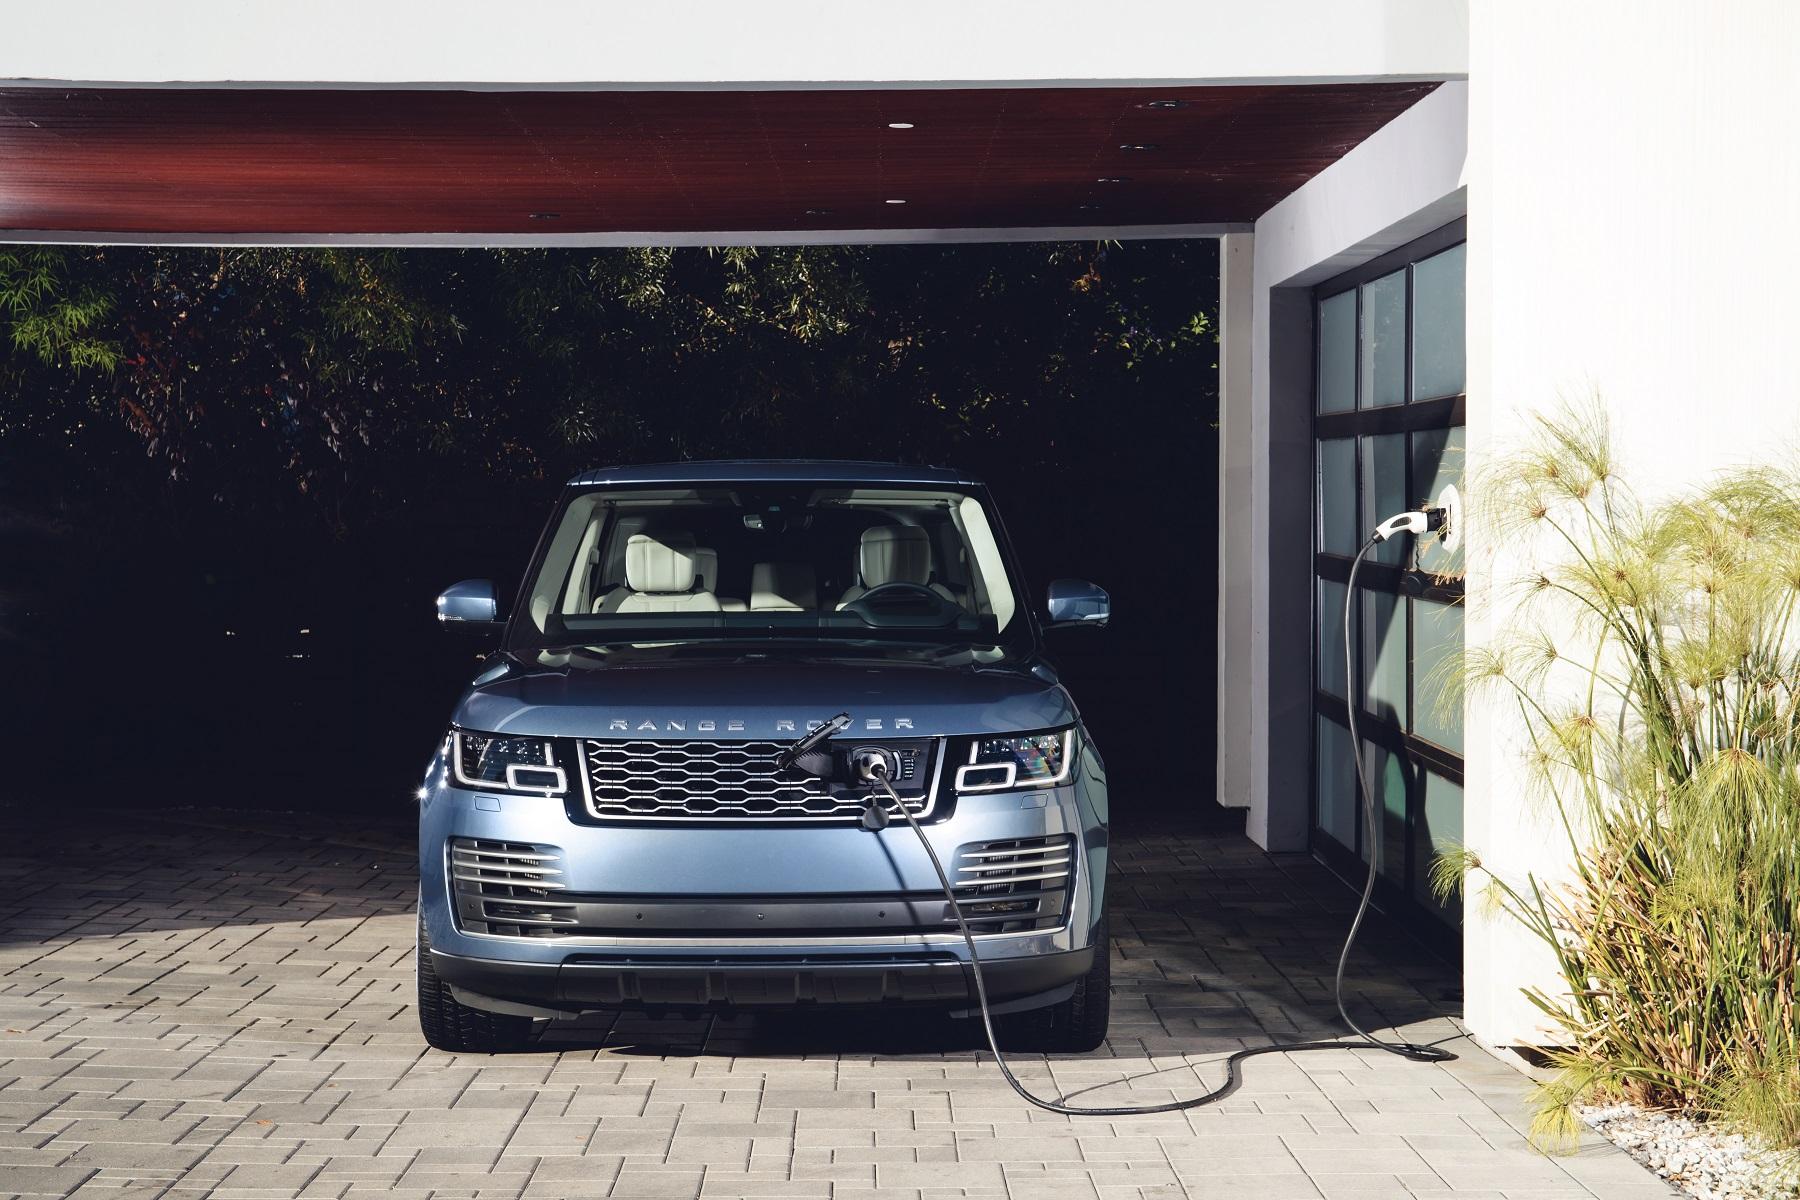 Range Rover Vogue PHEV Recarregando Na Garagem